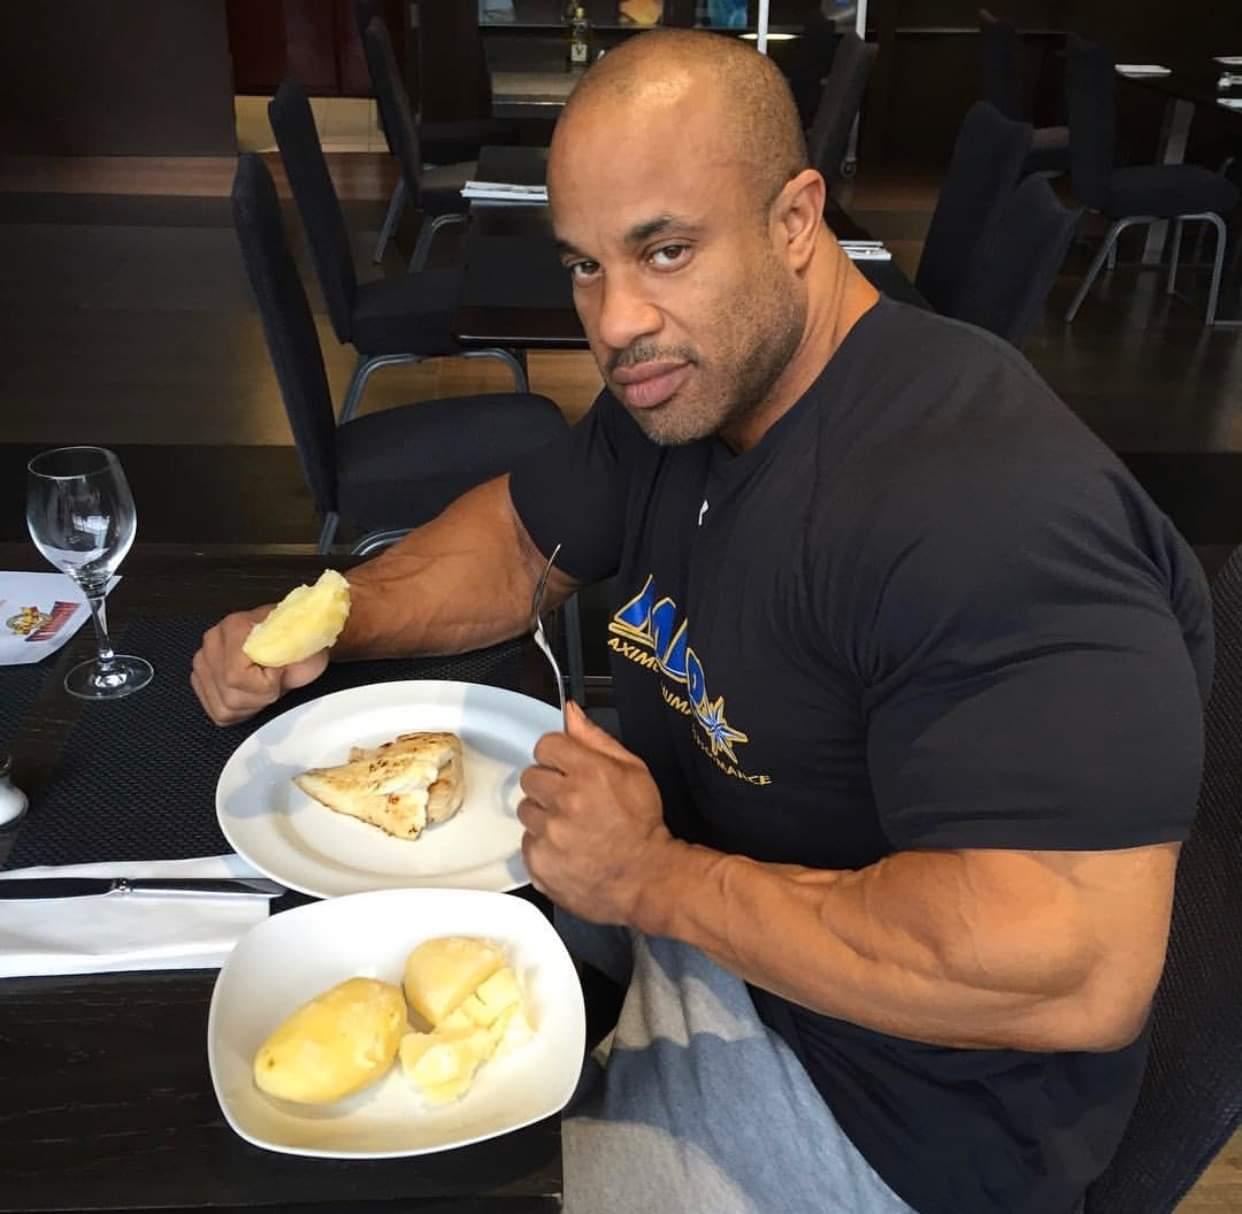 victor martinez pro ifbb e la sua tipica colazione